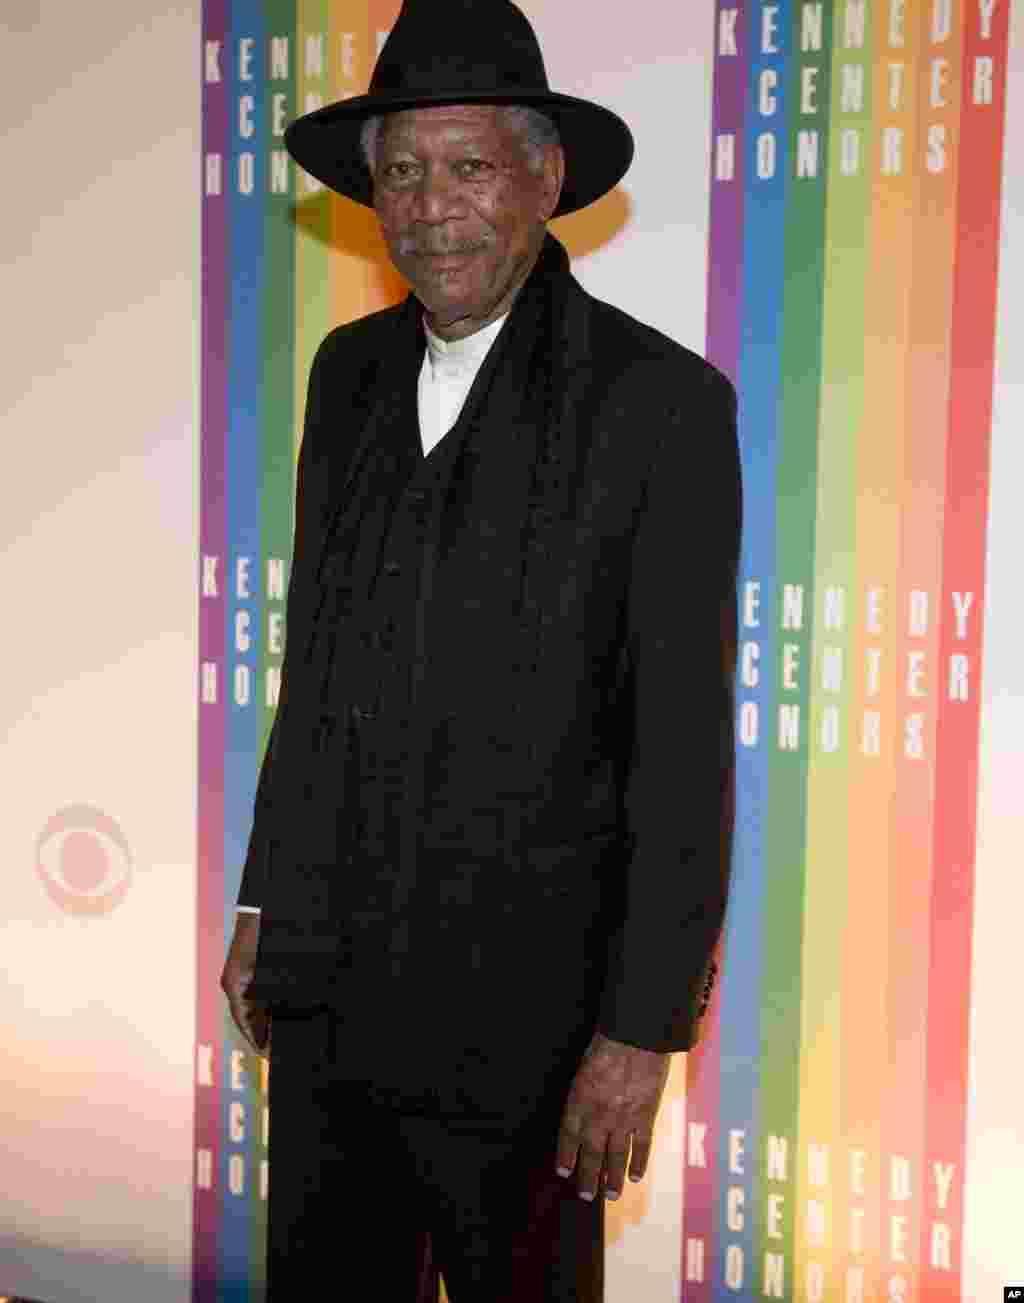 El expremiado del Kennedy Center, el actor Morgan Freeman también asistió invitado al evento.